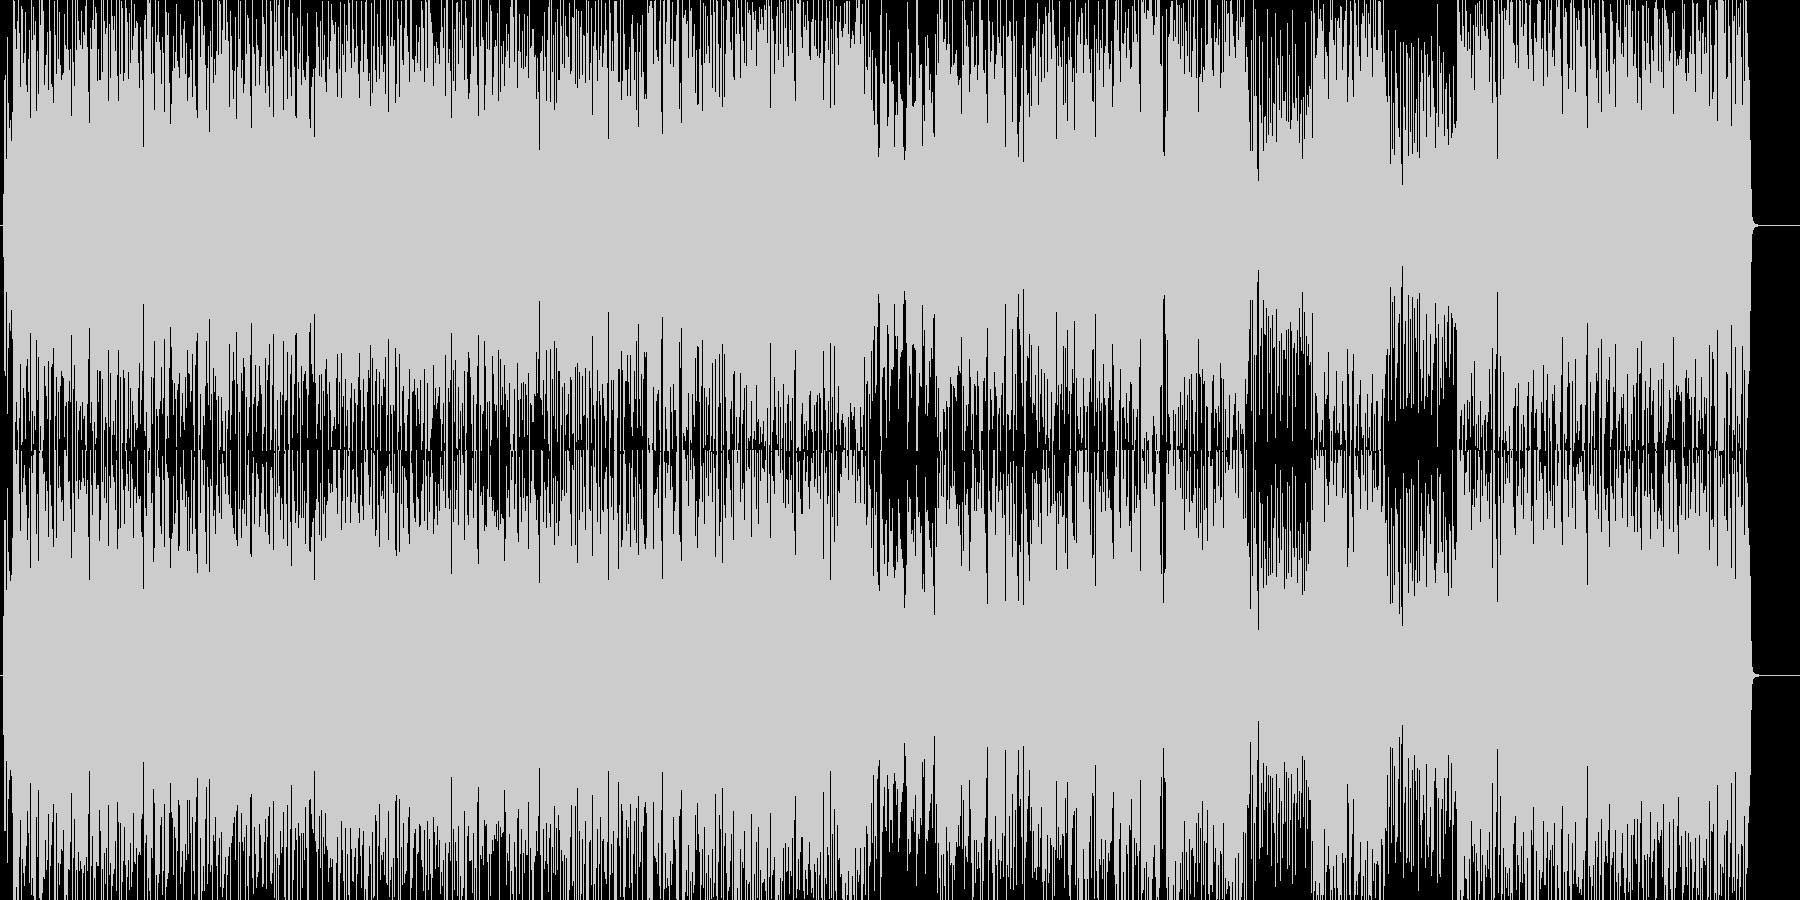 アルルの女のピアノトリオ(ラテン)の未再生の波形